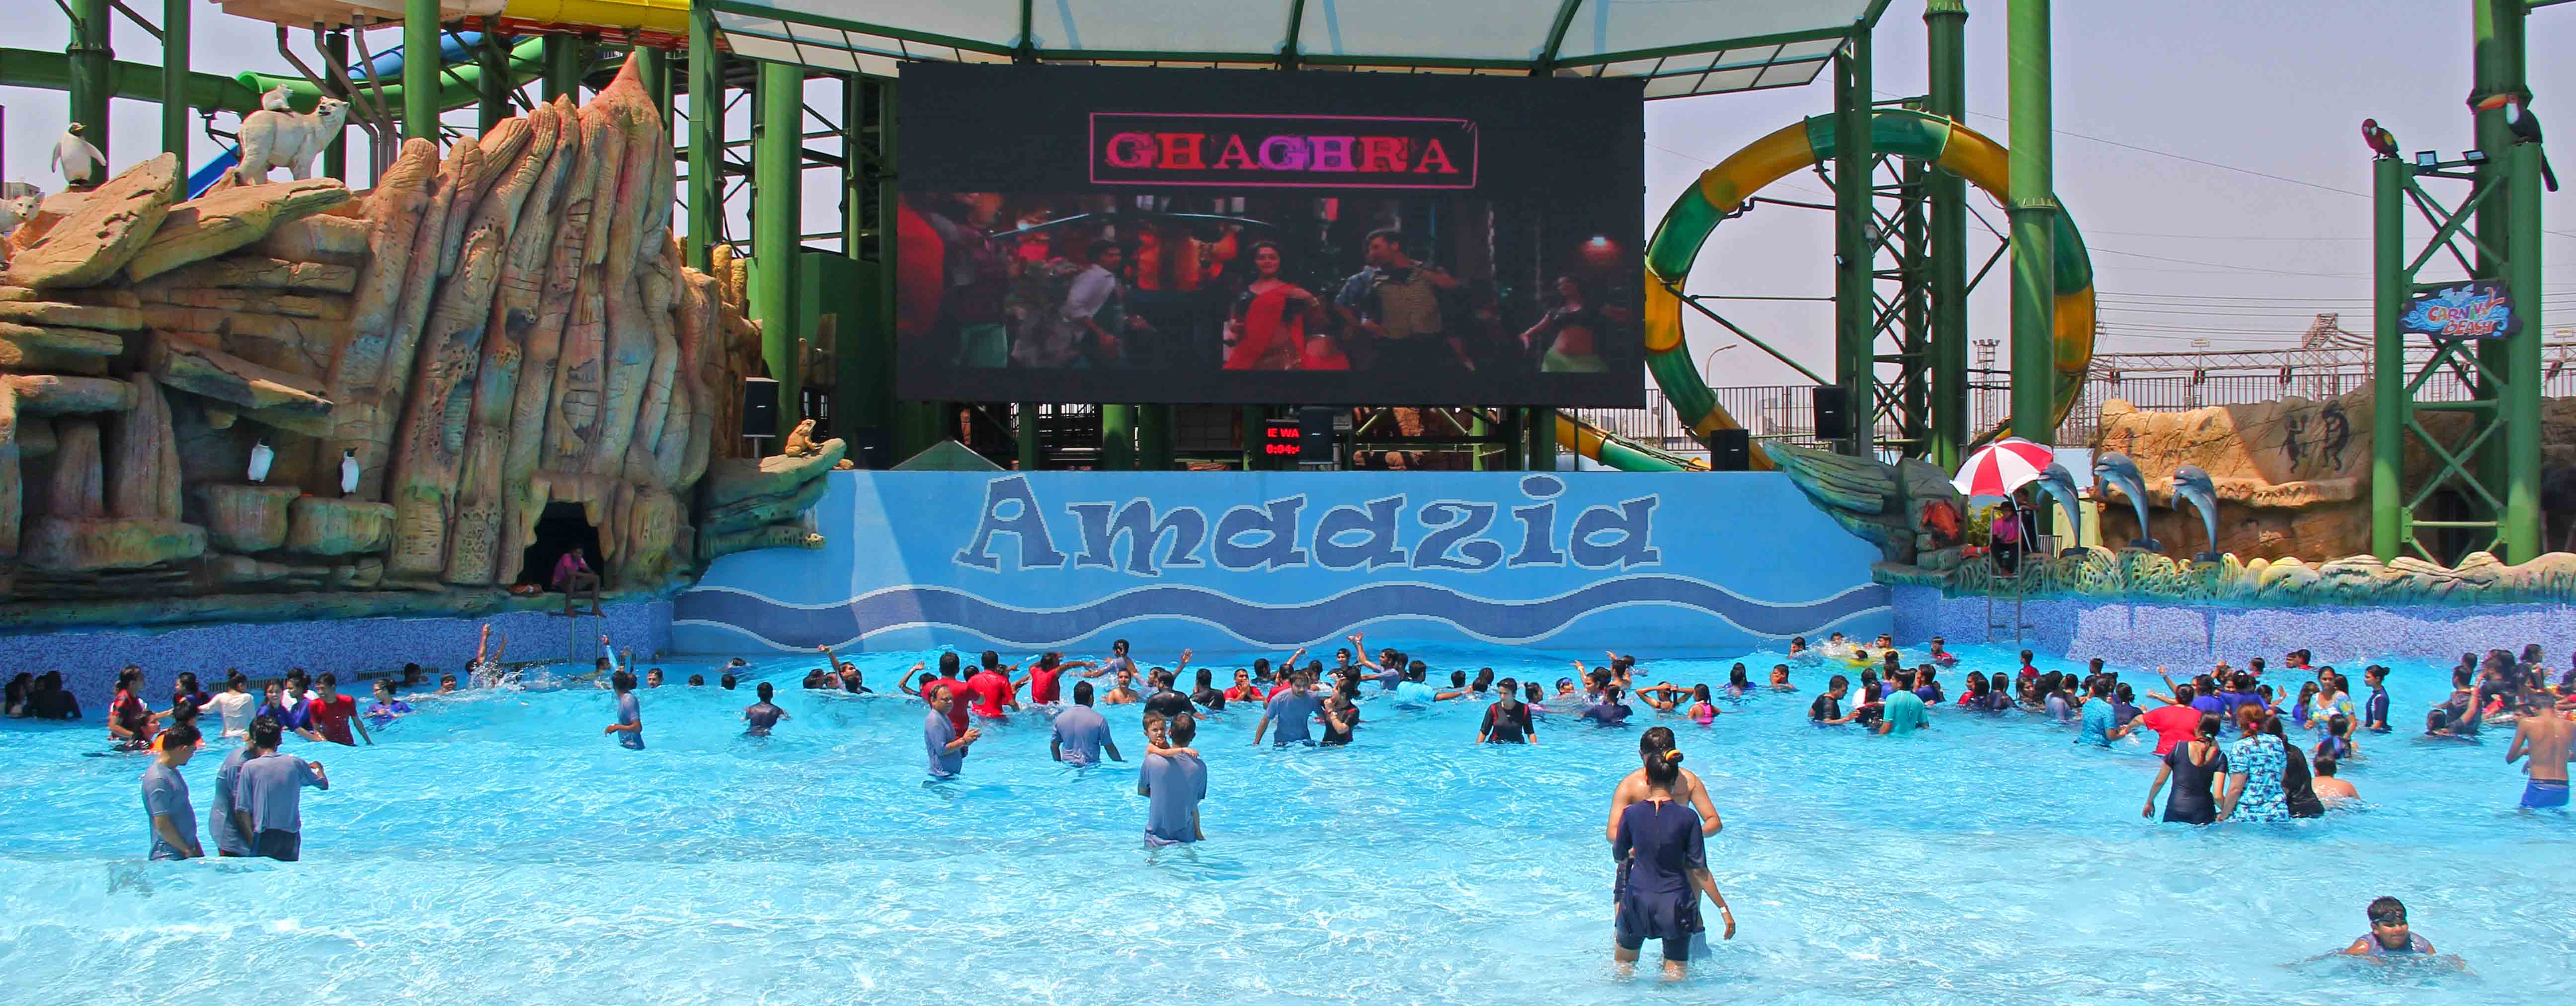 Amaazia Water Park. Surat